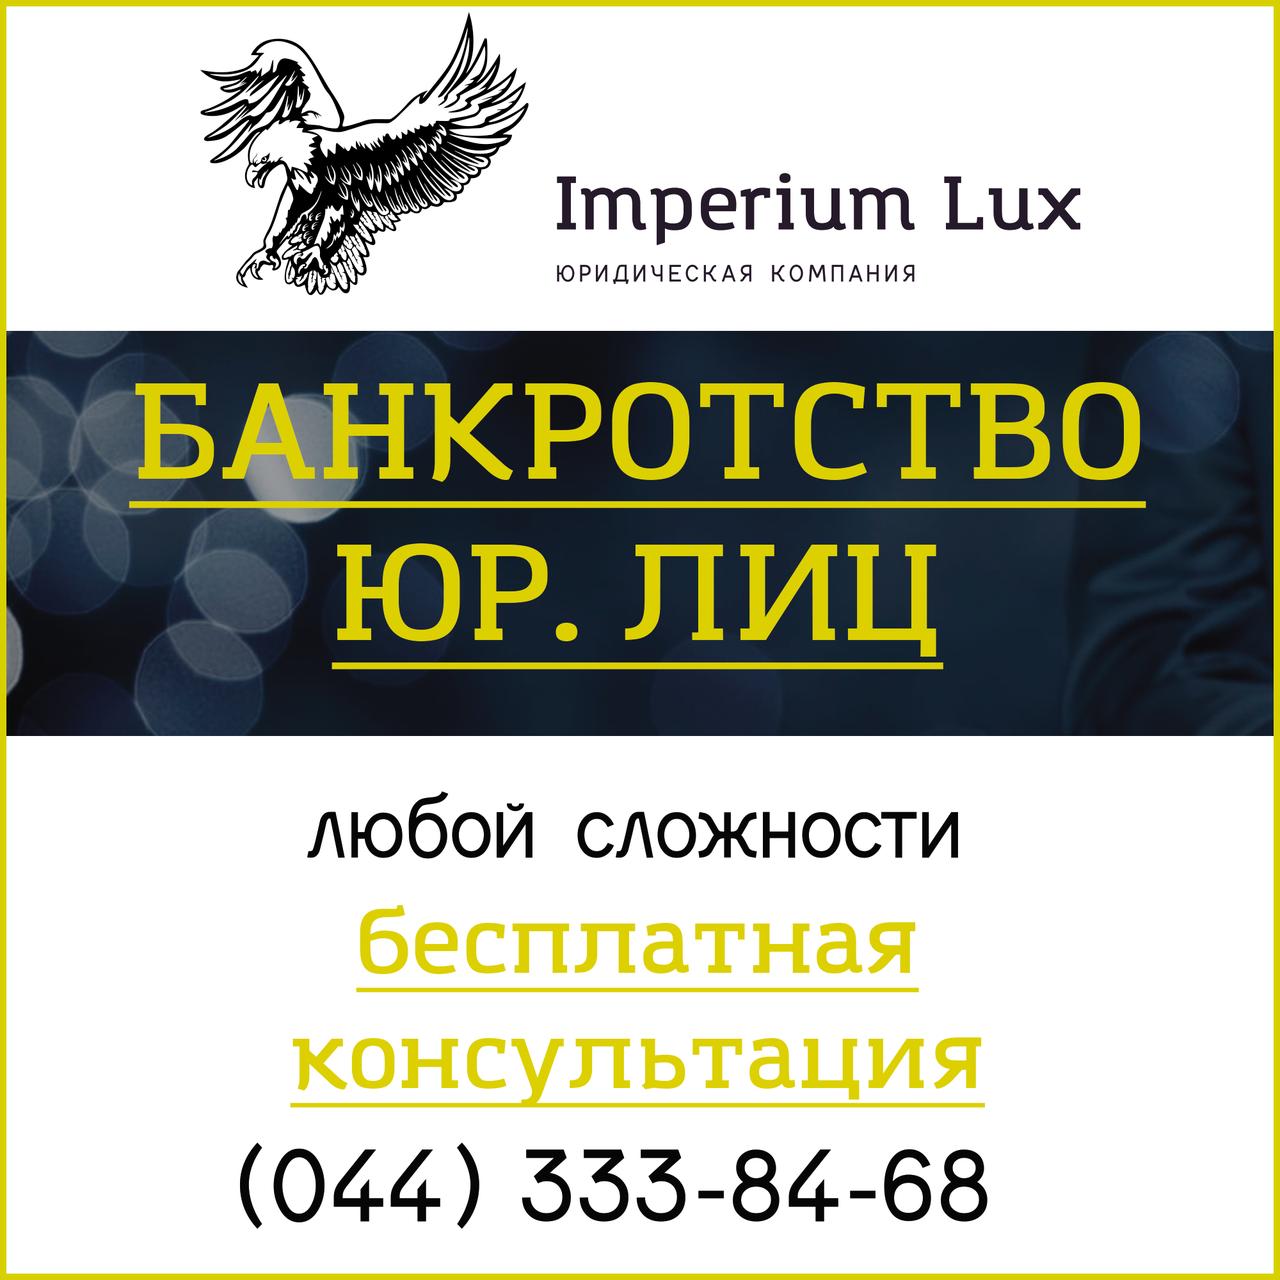 бесплатные юридические консультации по банкротству